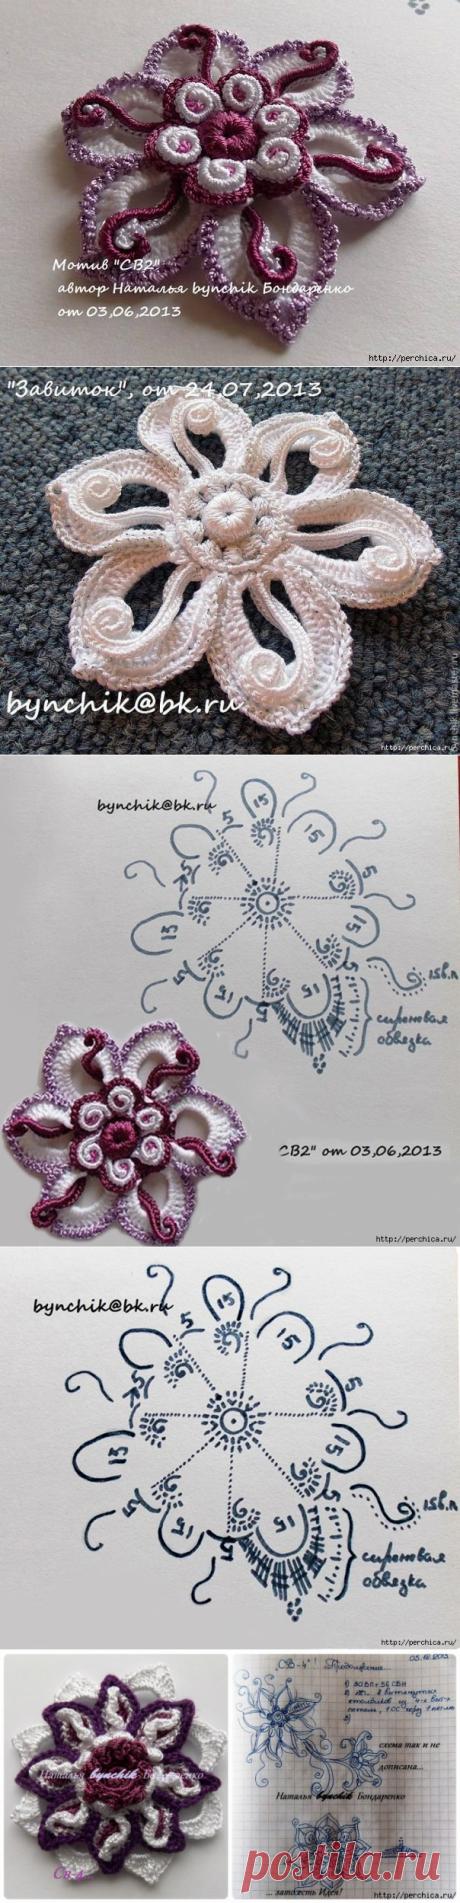 Цветы и листья с завитками - Мк